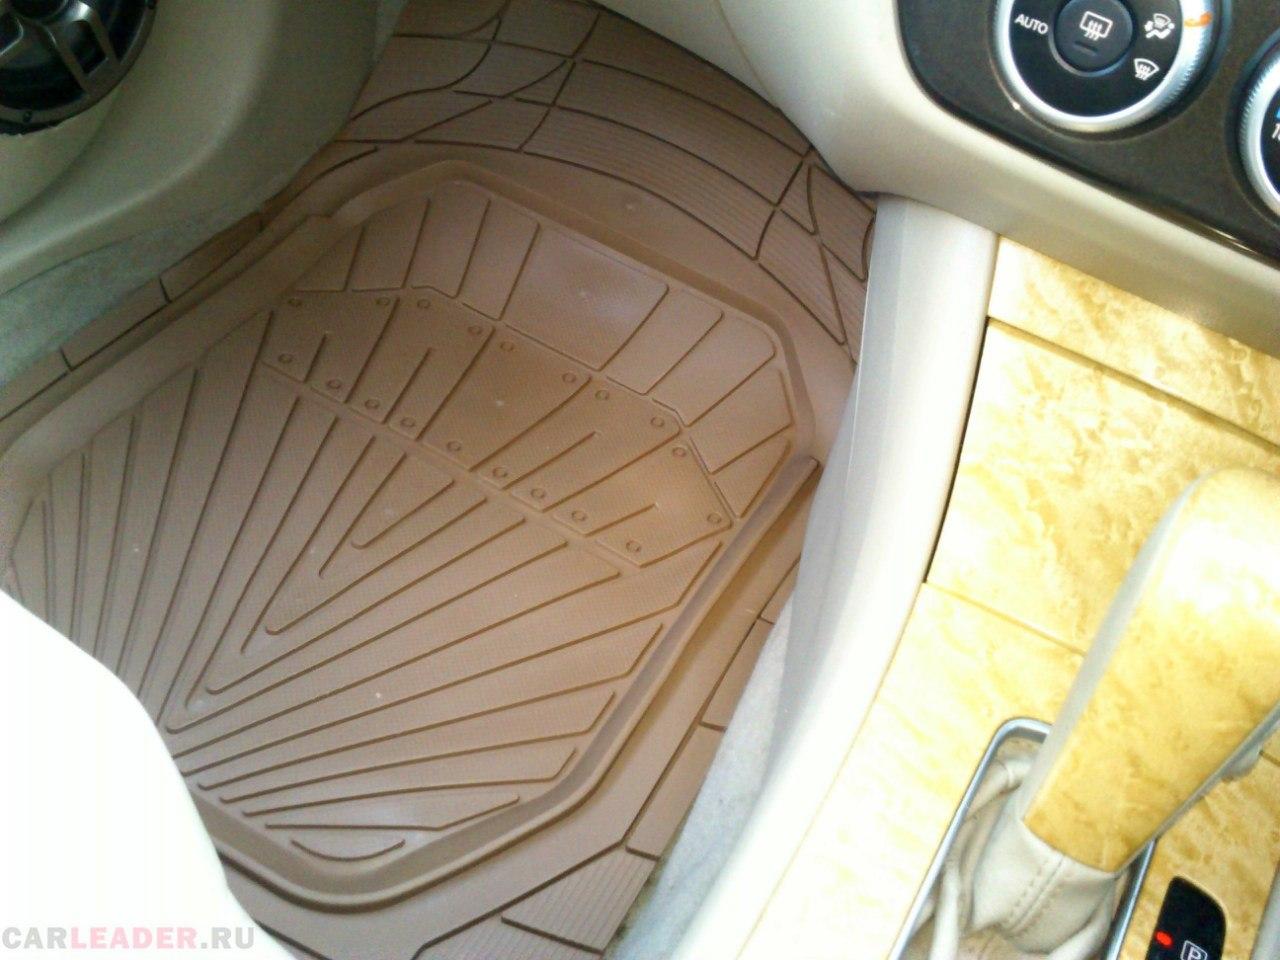 японские толстые резиновые коврики в Nissan Bluebird Axis